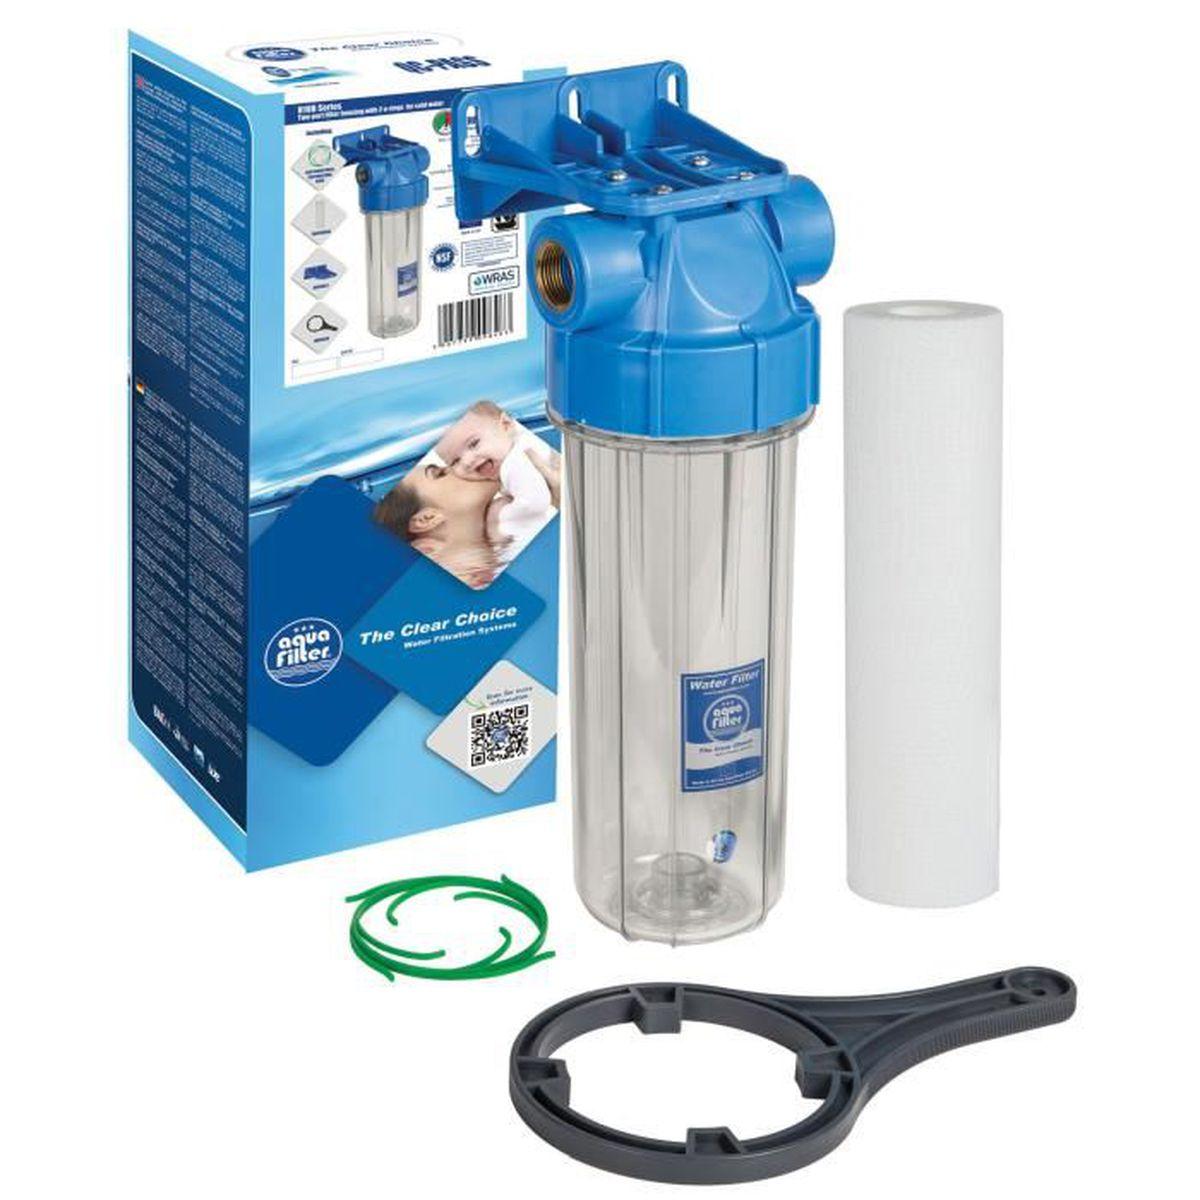 filtration d 39 eau froide 1 en ligne purifie le boitier du systeme filtre entier achat. Black Bedroom Furniture Sets. Home Design Ideas